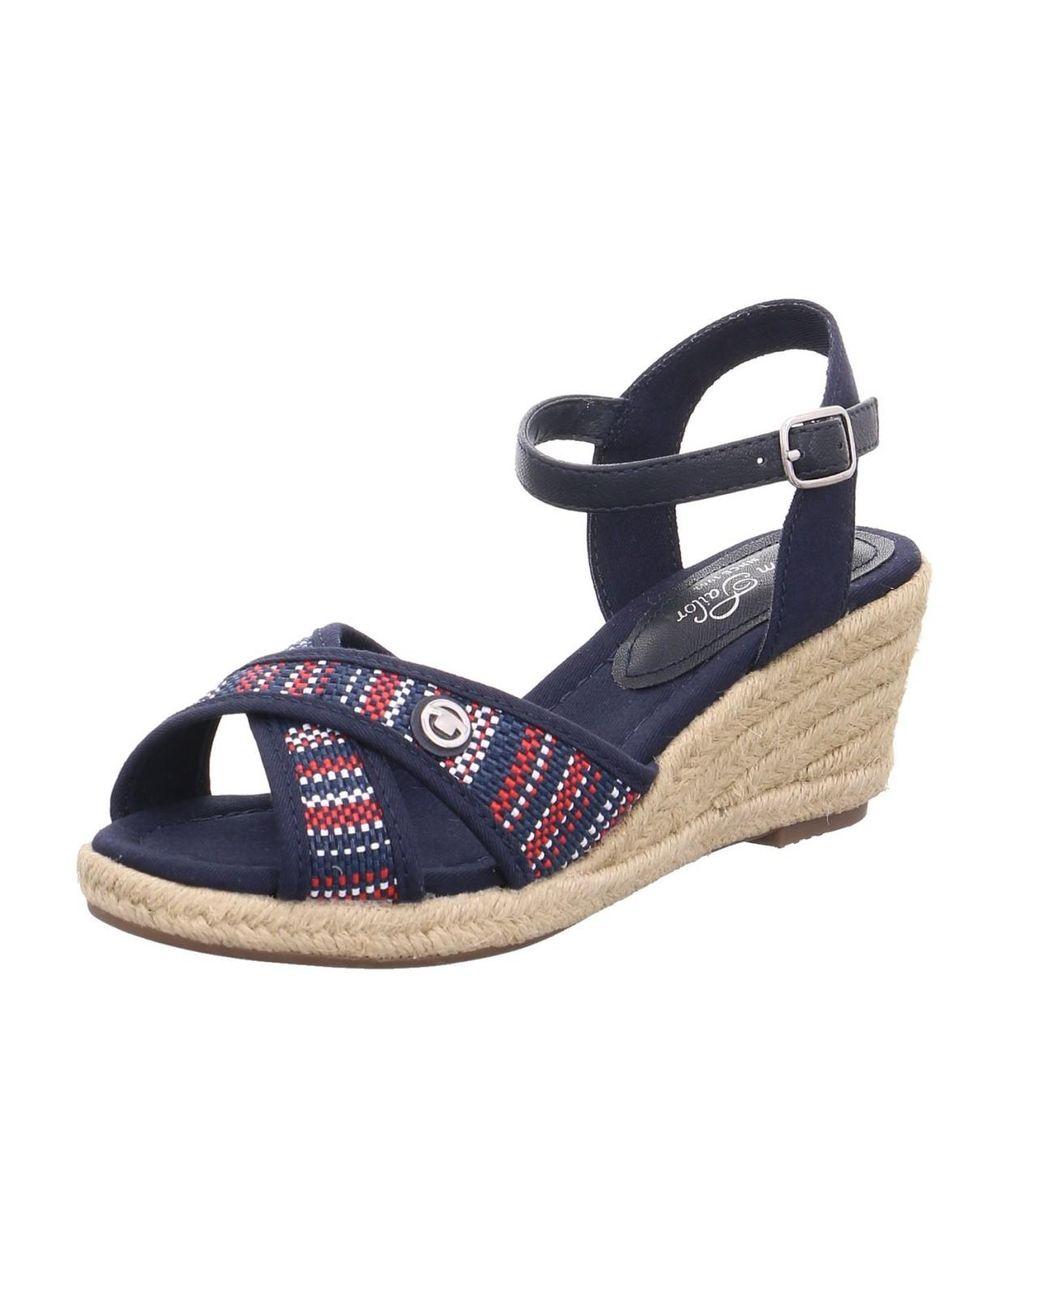 Tom Tailor Damen Sandalette 6990709